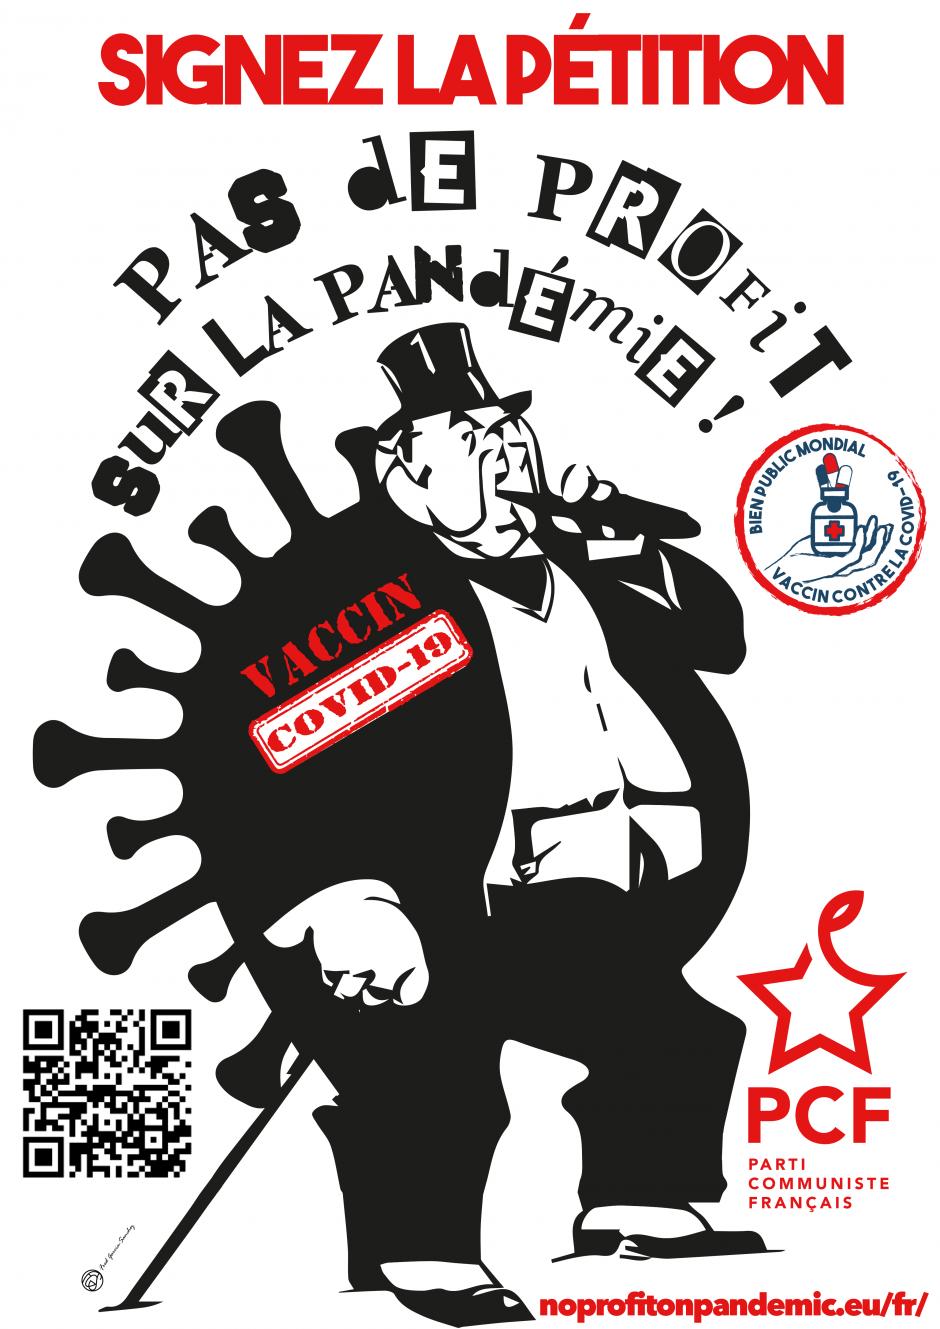 #PasdeProfitsurlaPandemie : rejoignez l'initiative citoyenne européenne !